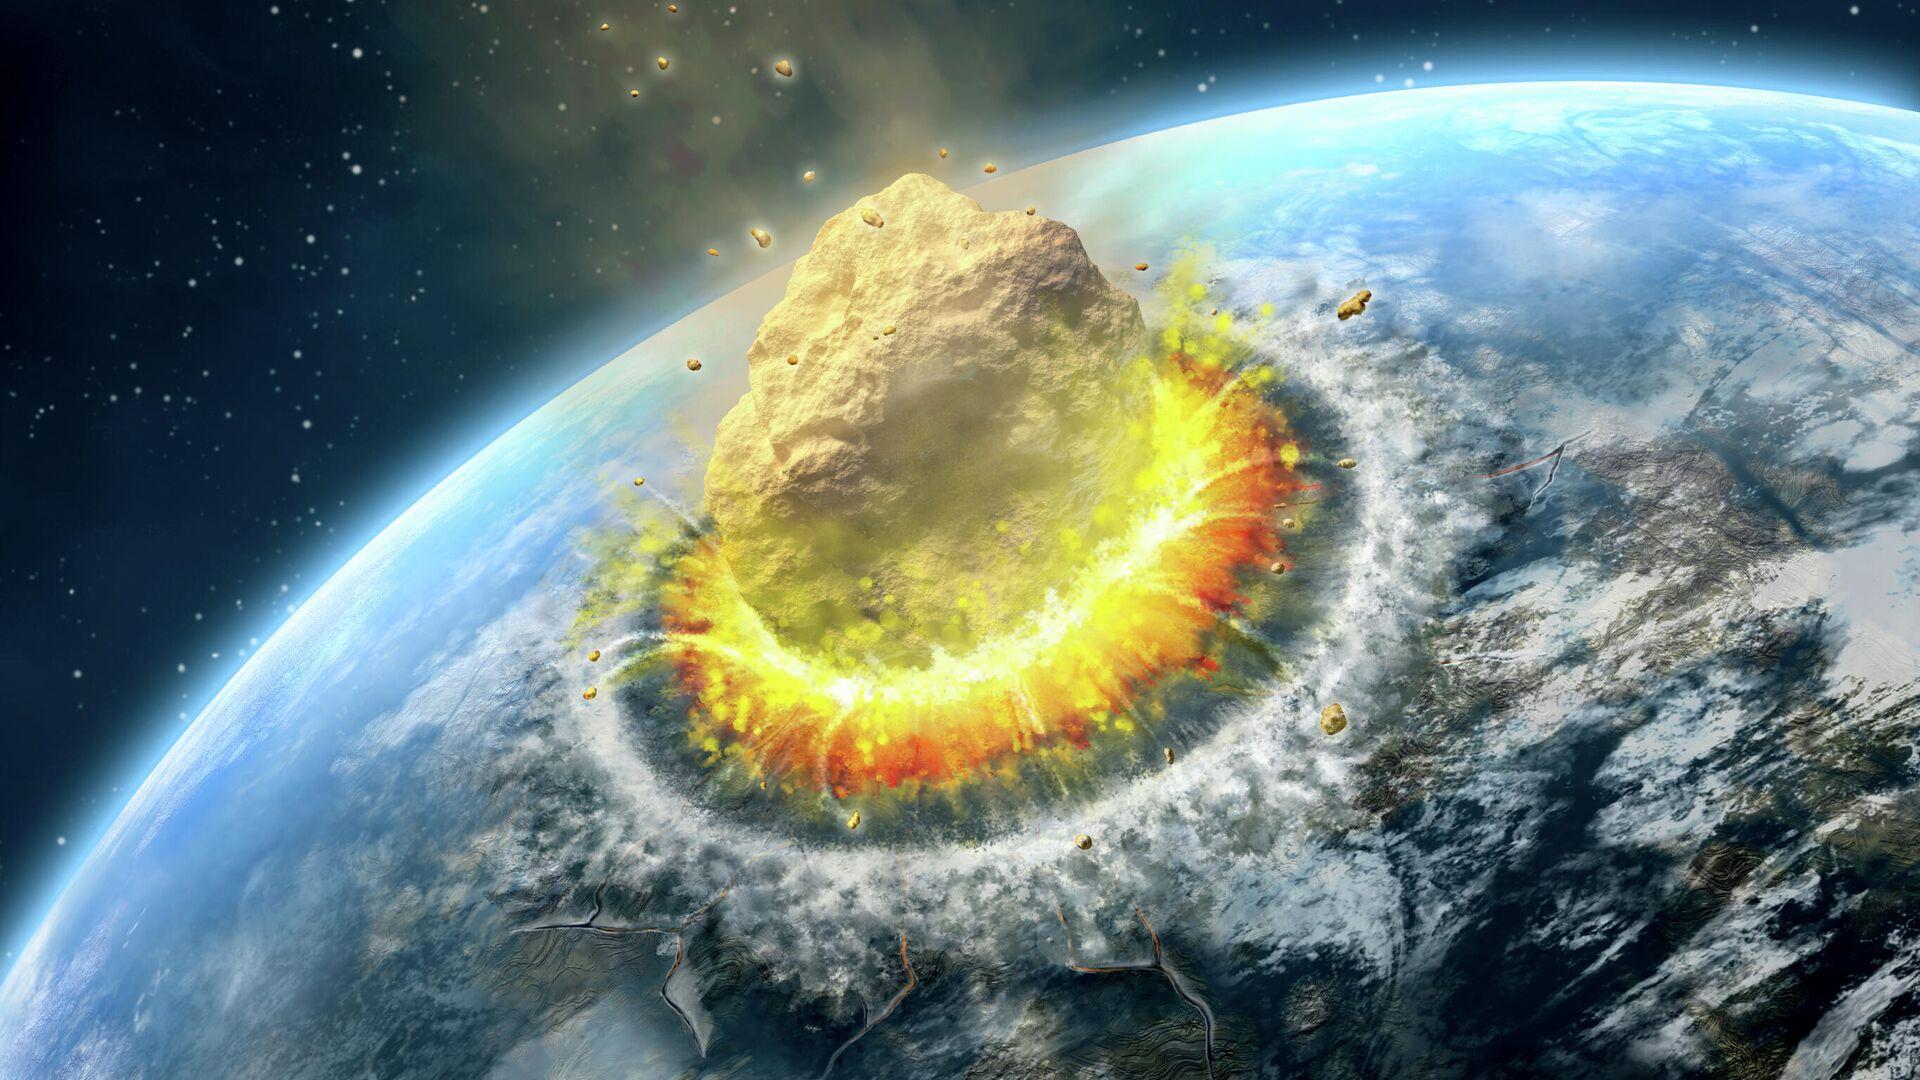 Столкновение астероида с Землей - РИА Новости, 1920, 19.10.2020